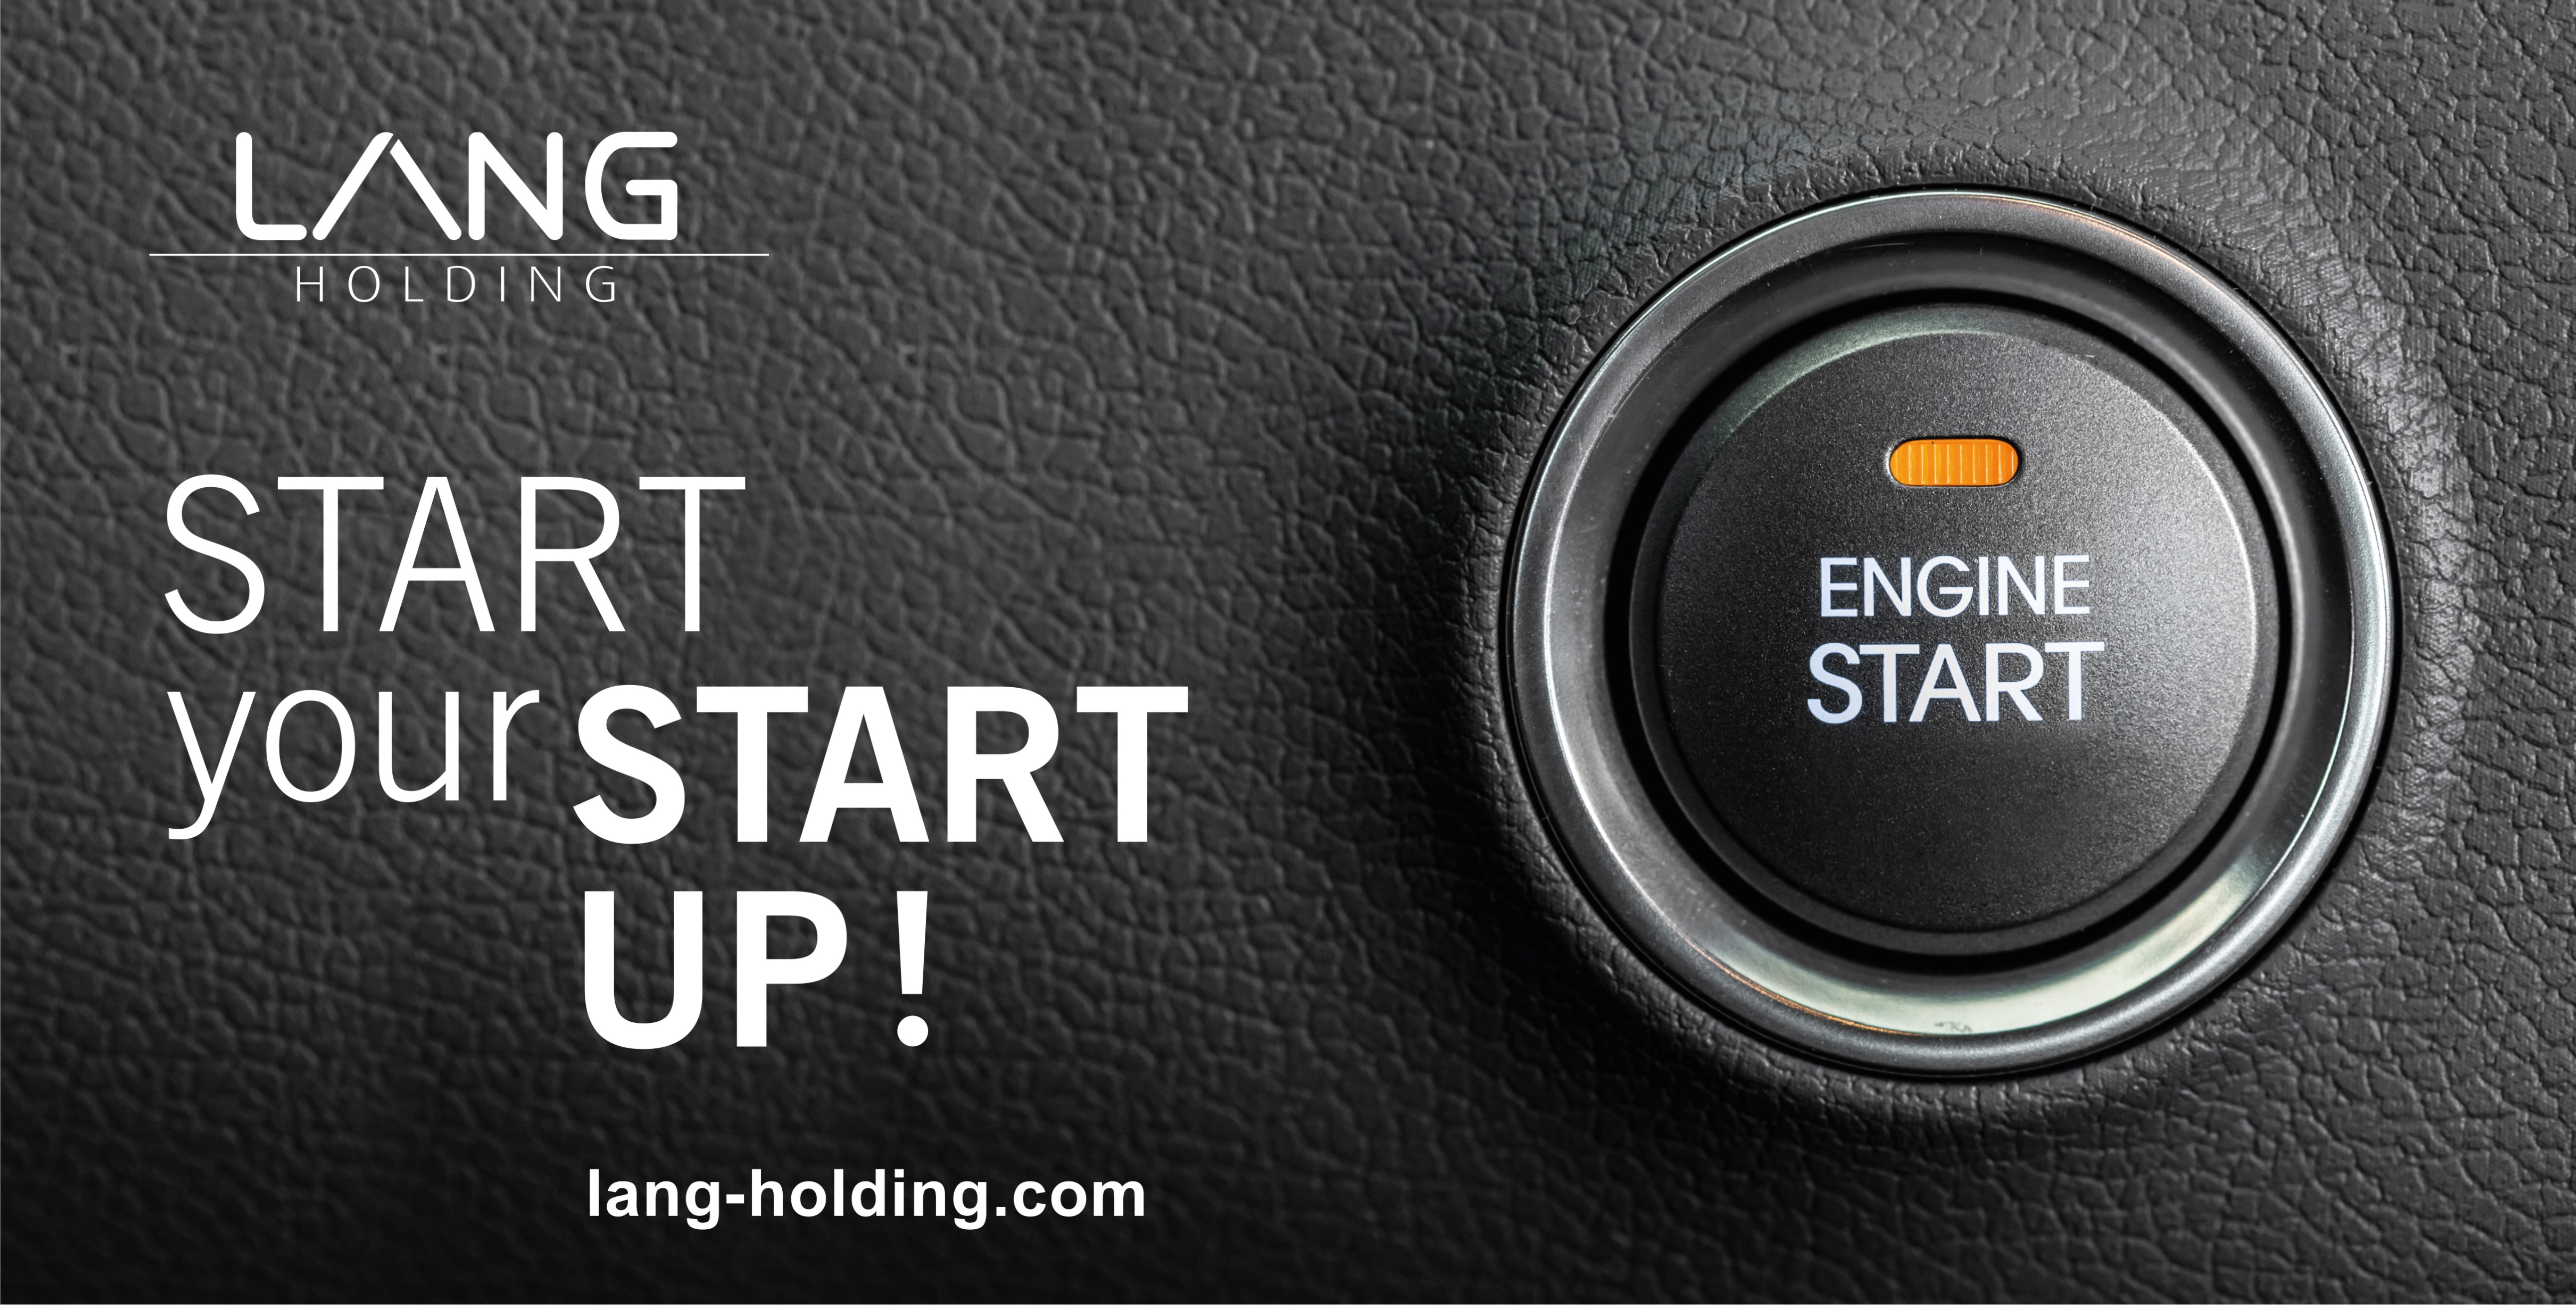 csr_LANG_Unternehmensb_StartButton